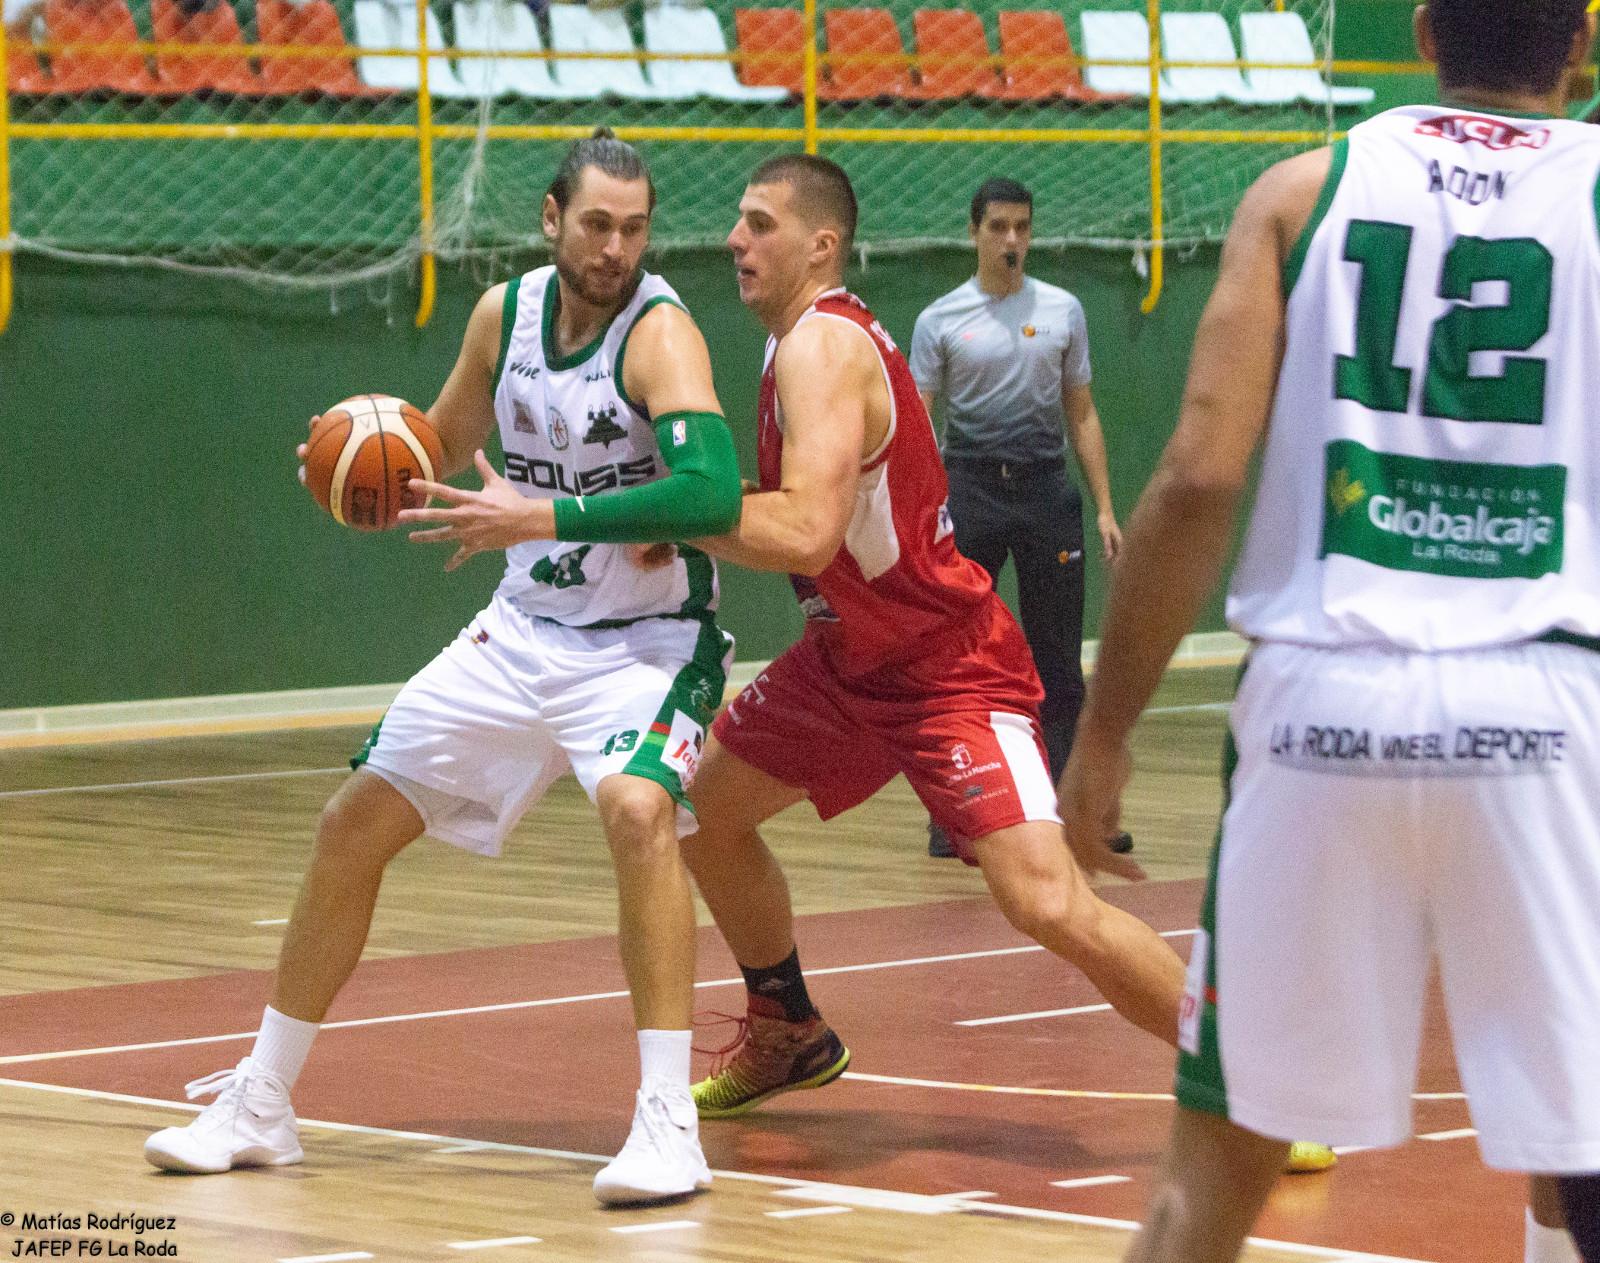 Javier González Ruiz de Terry